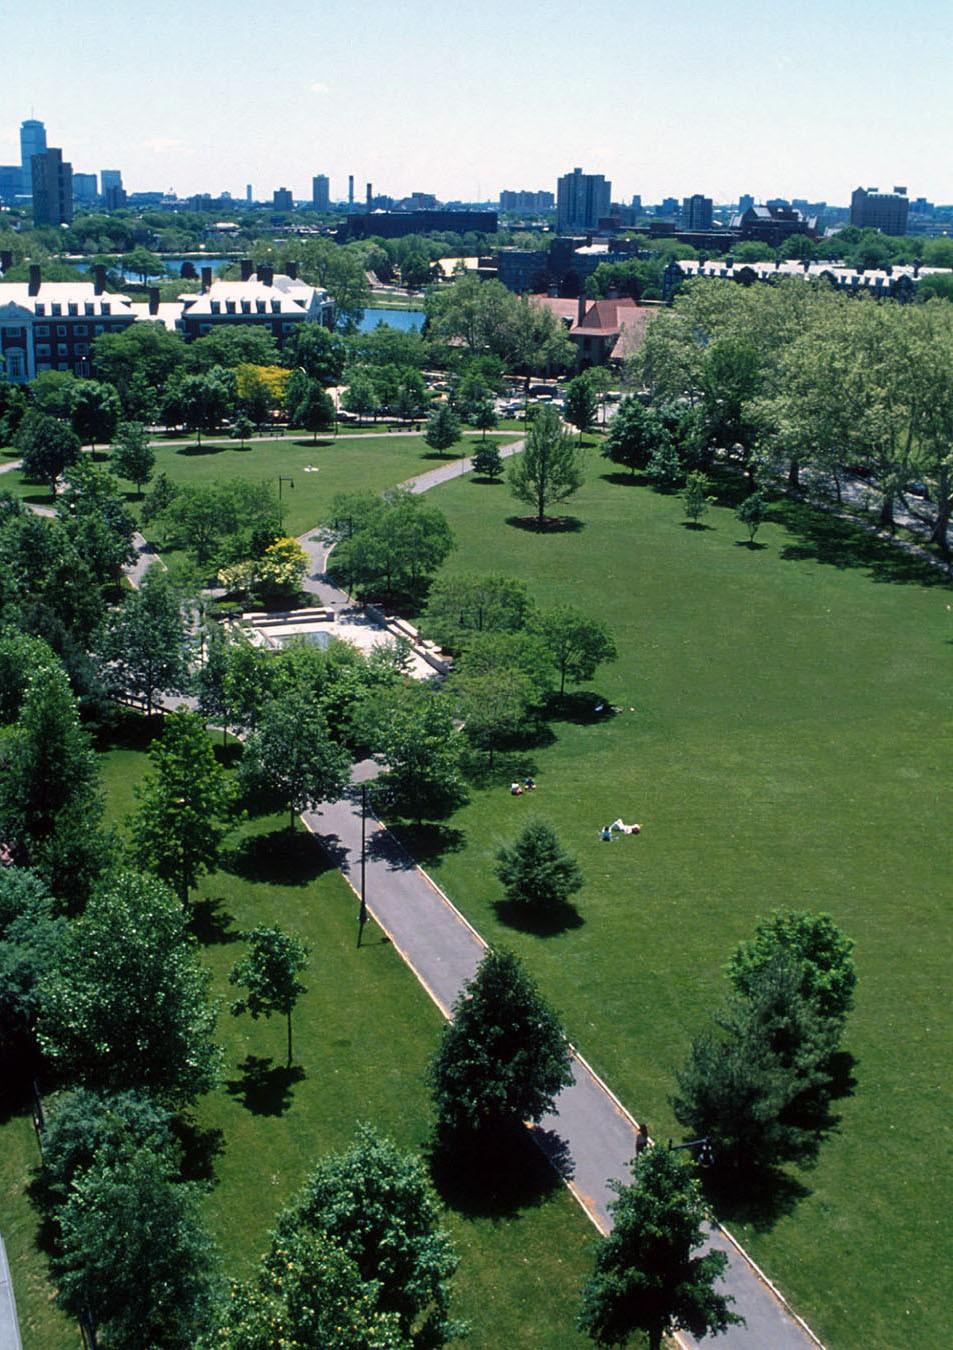 jfk park aerial